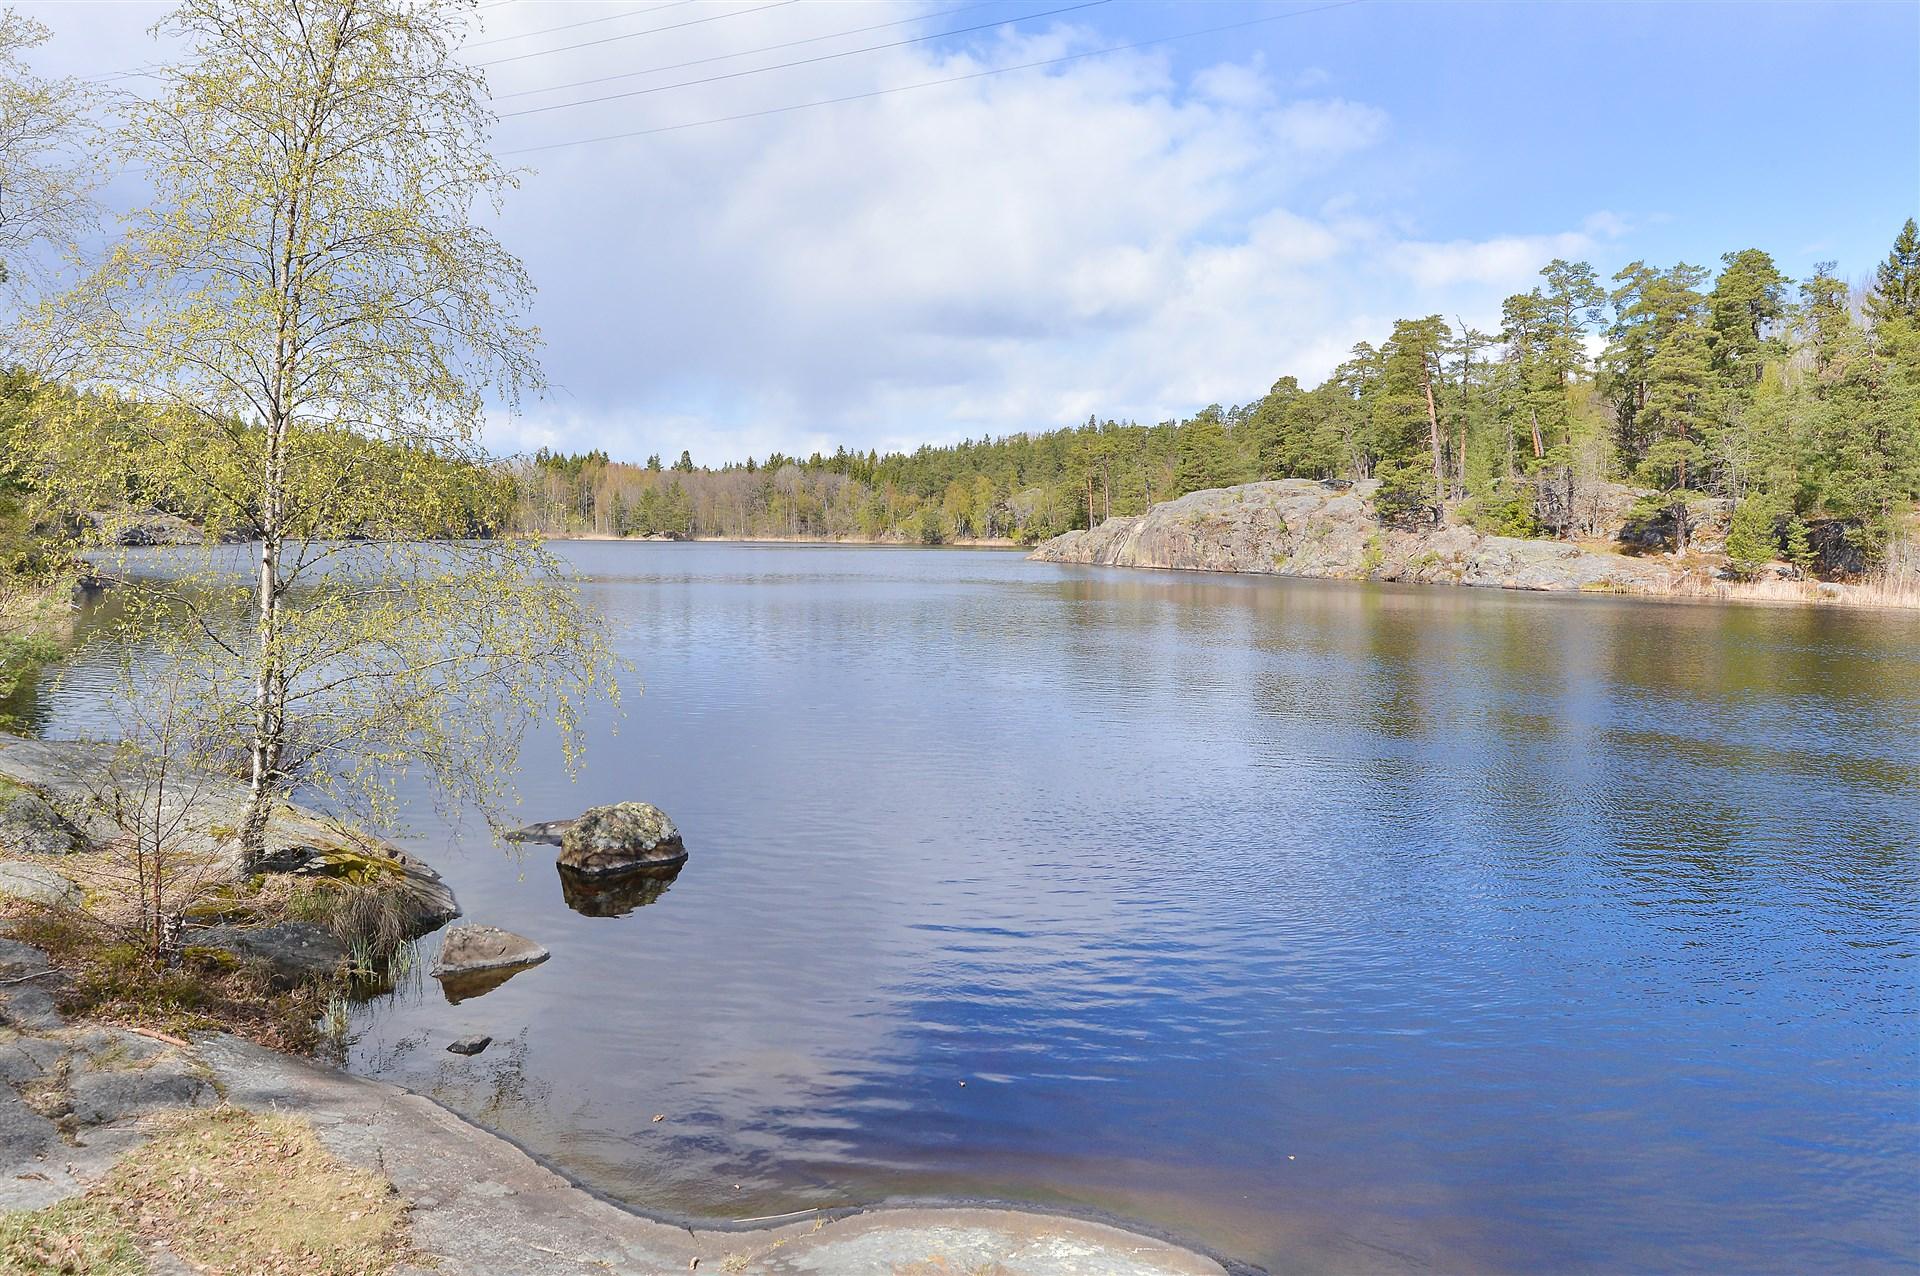 Ulvsjön